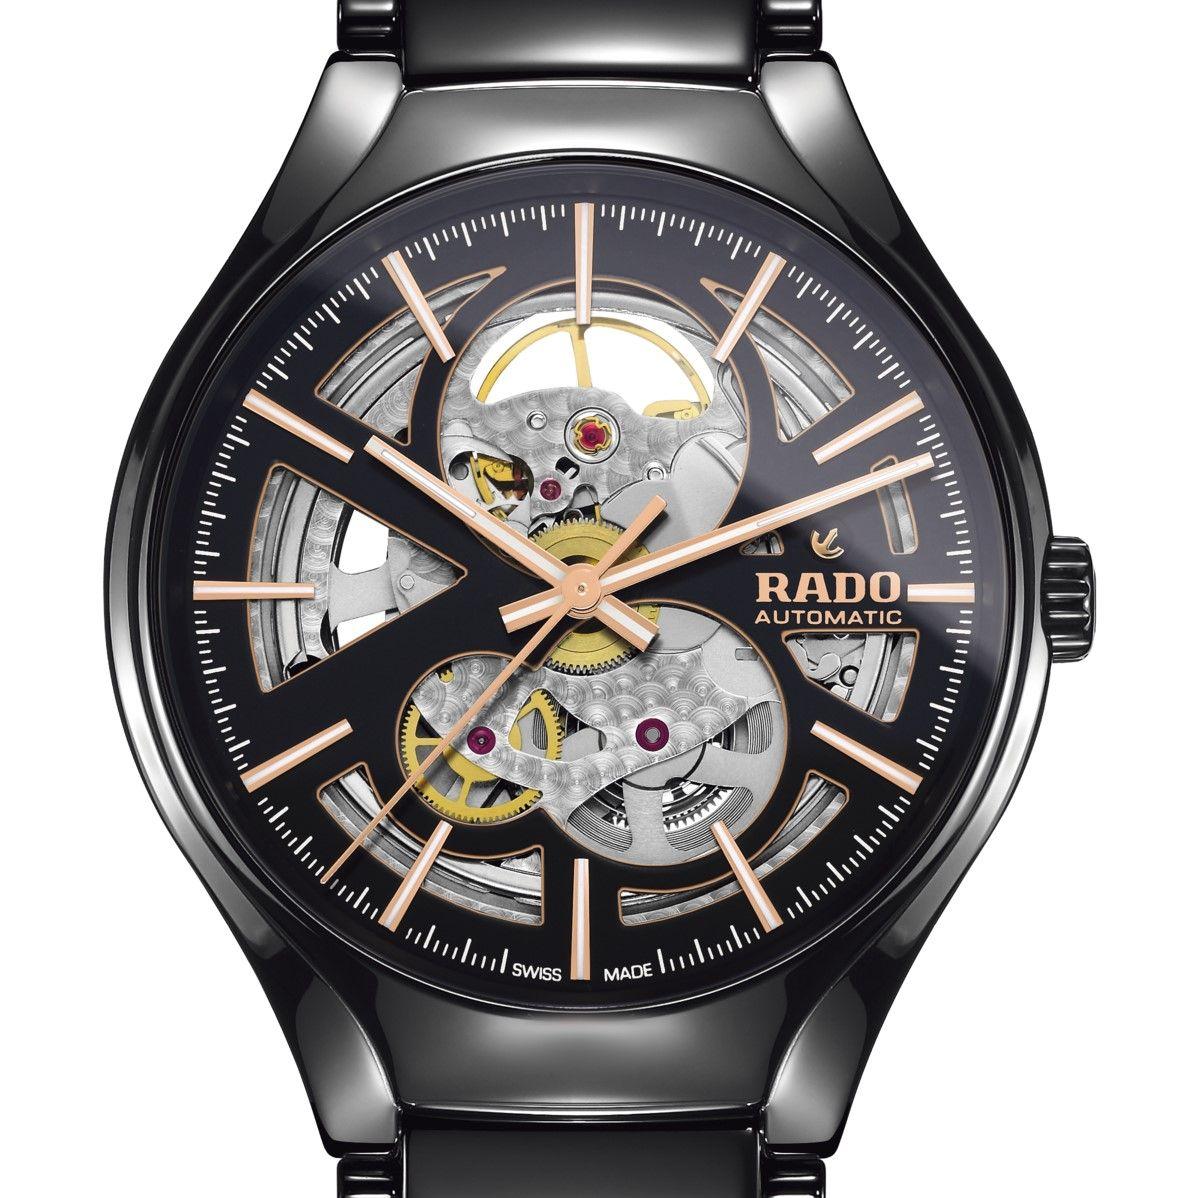 Rado True Open Heart Automatic Watch Ablogtowatch Automatic Watch Watches Automatic